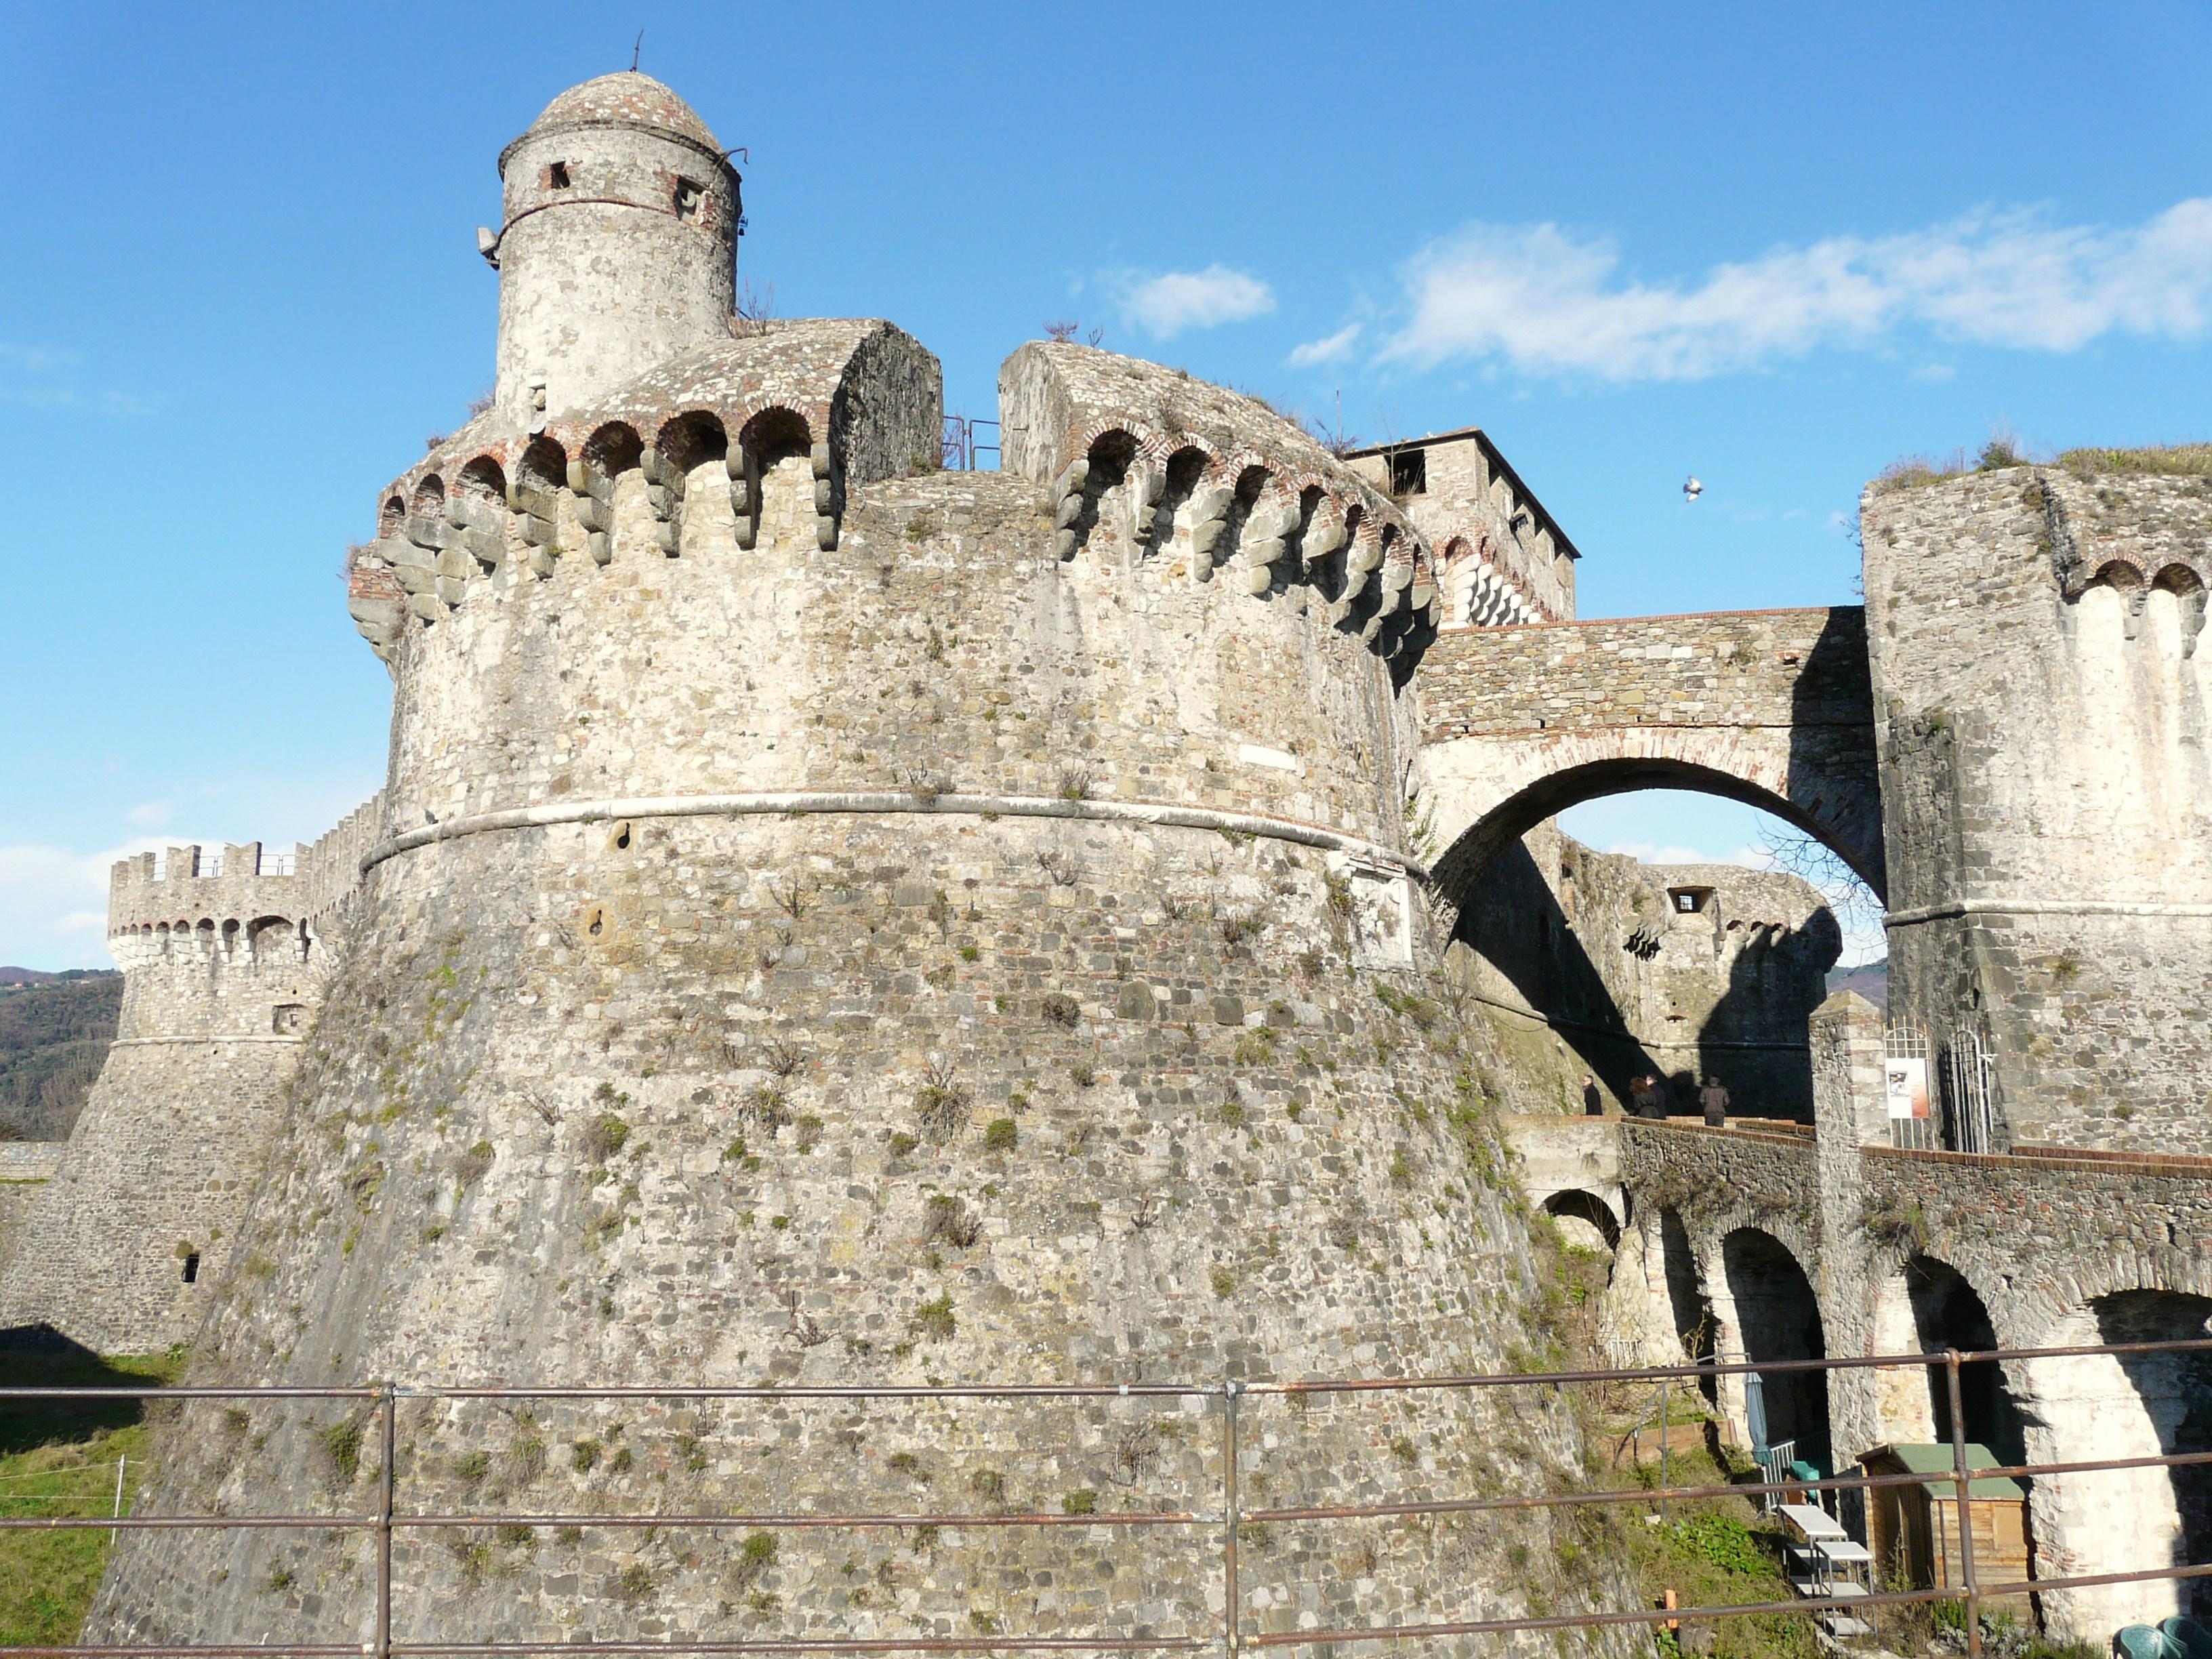 File:Sarzana-fortezza di sarzanello4.jpg - Wikimedia Commons